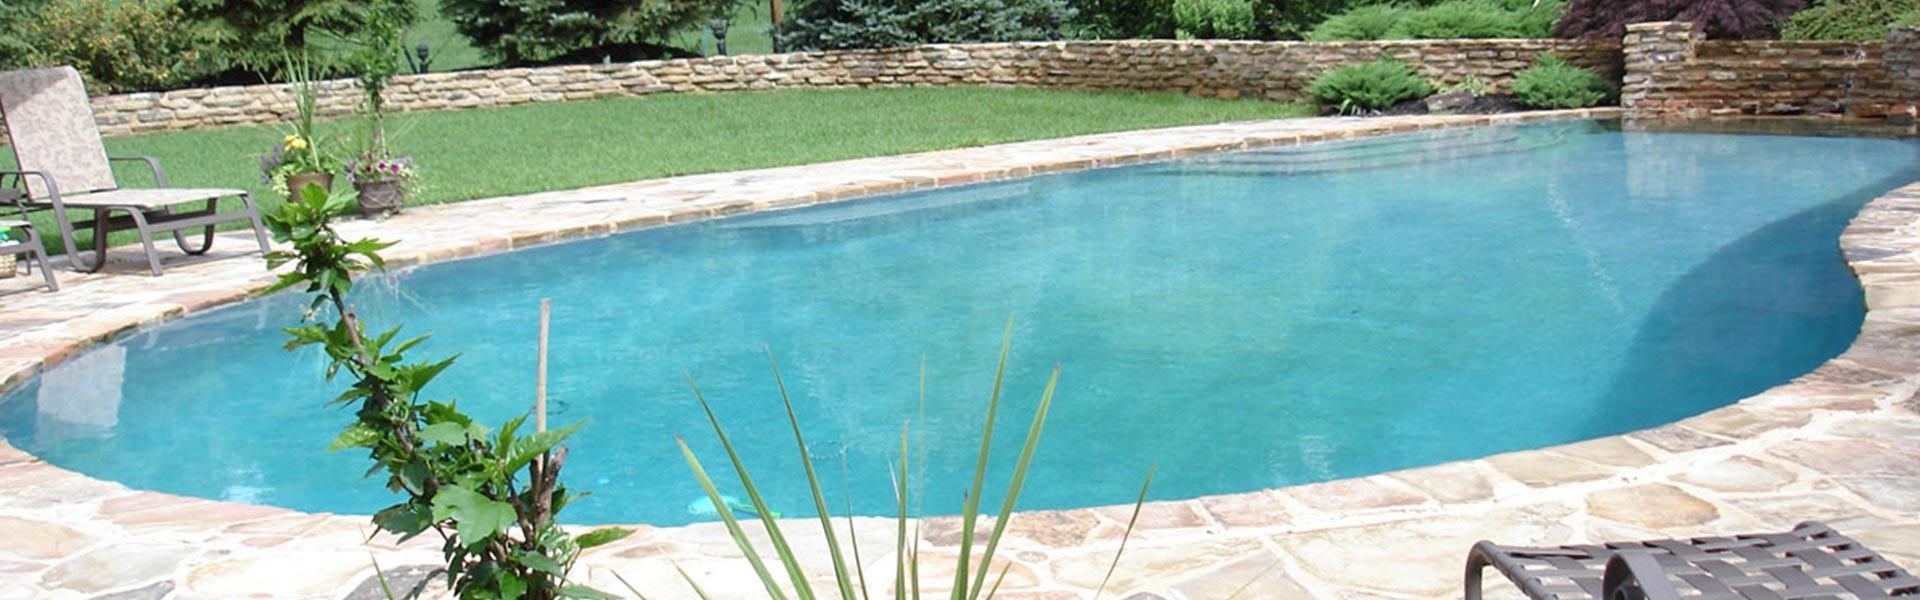 Mermaid Pools And Spas Inc Glenside Pool Repair Pa 19038 Glenside Pool Construction Pa 19038 58